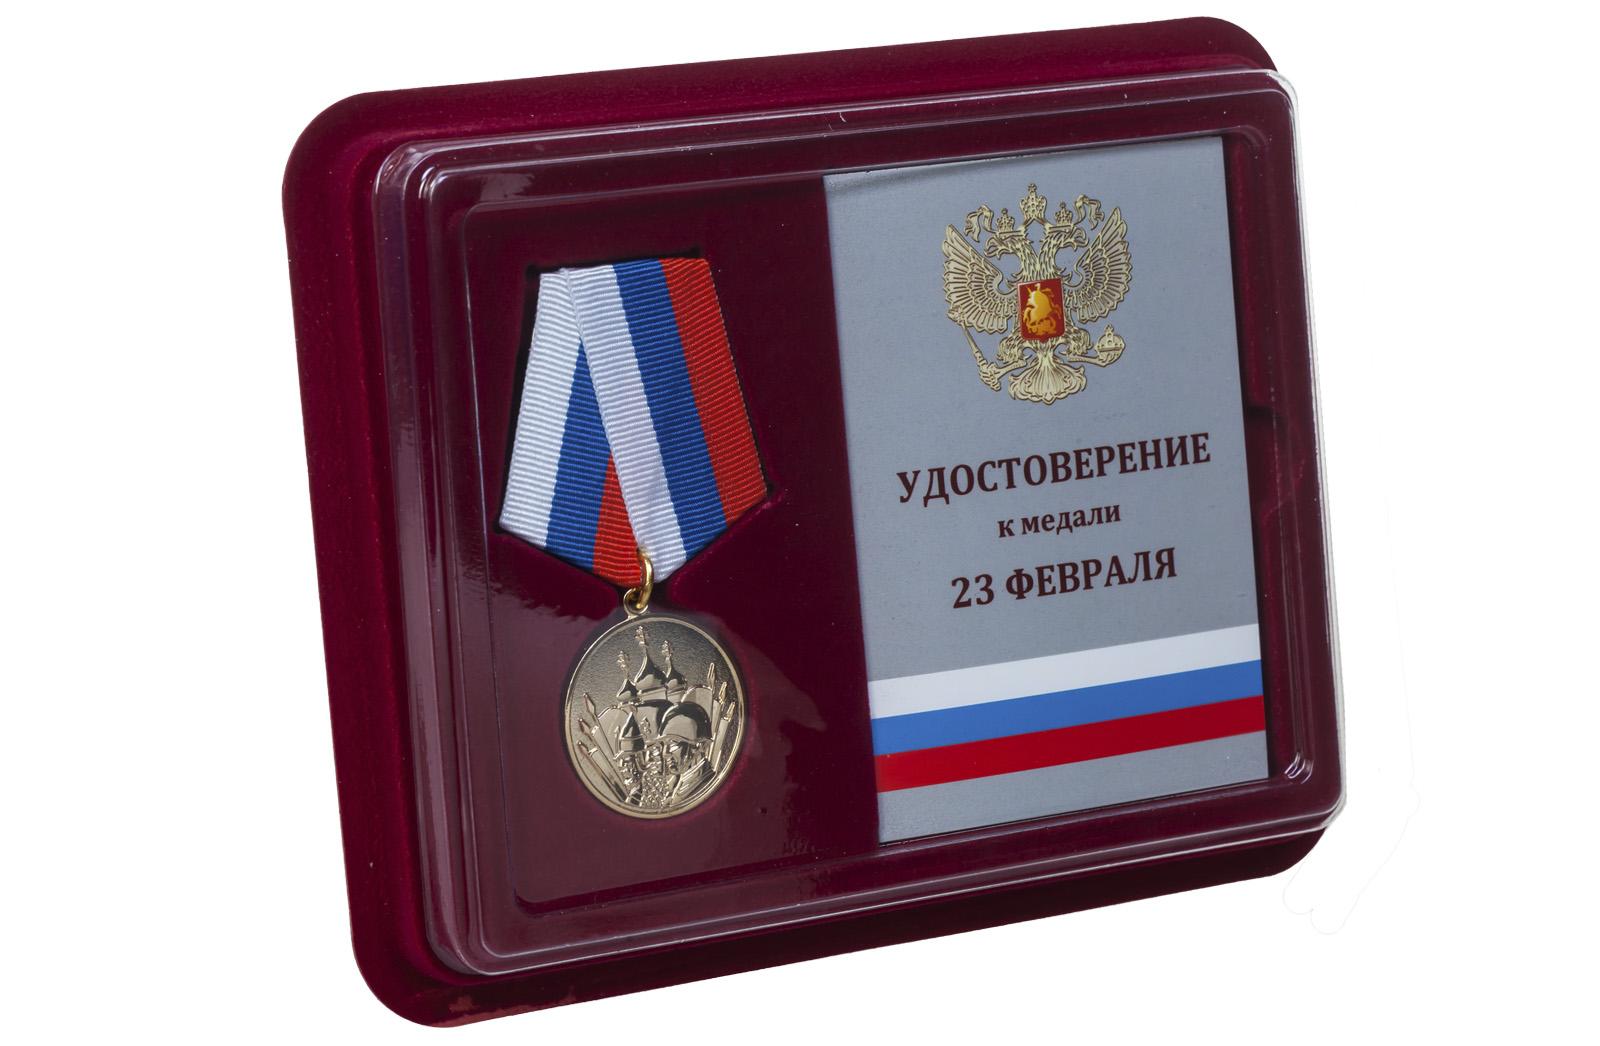 Памятная медаль 23 февраля - в футляре с удостоверением